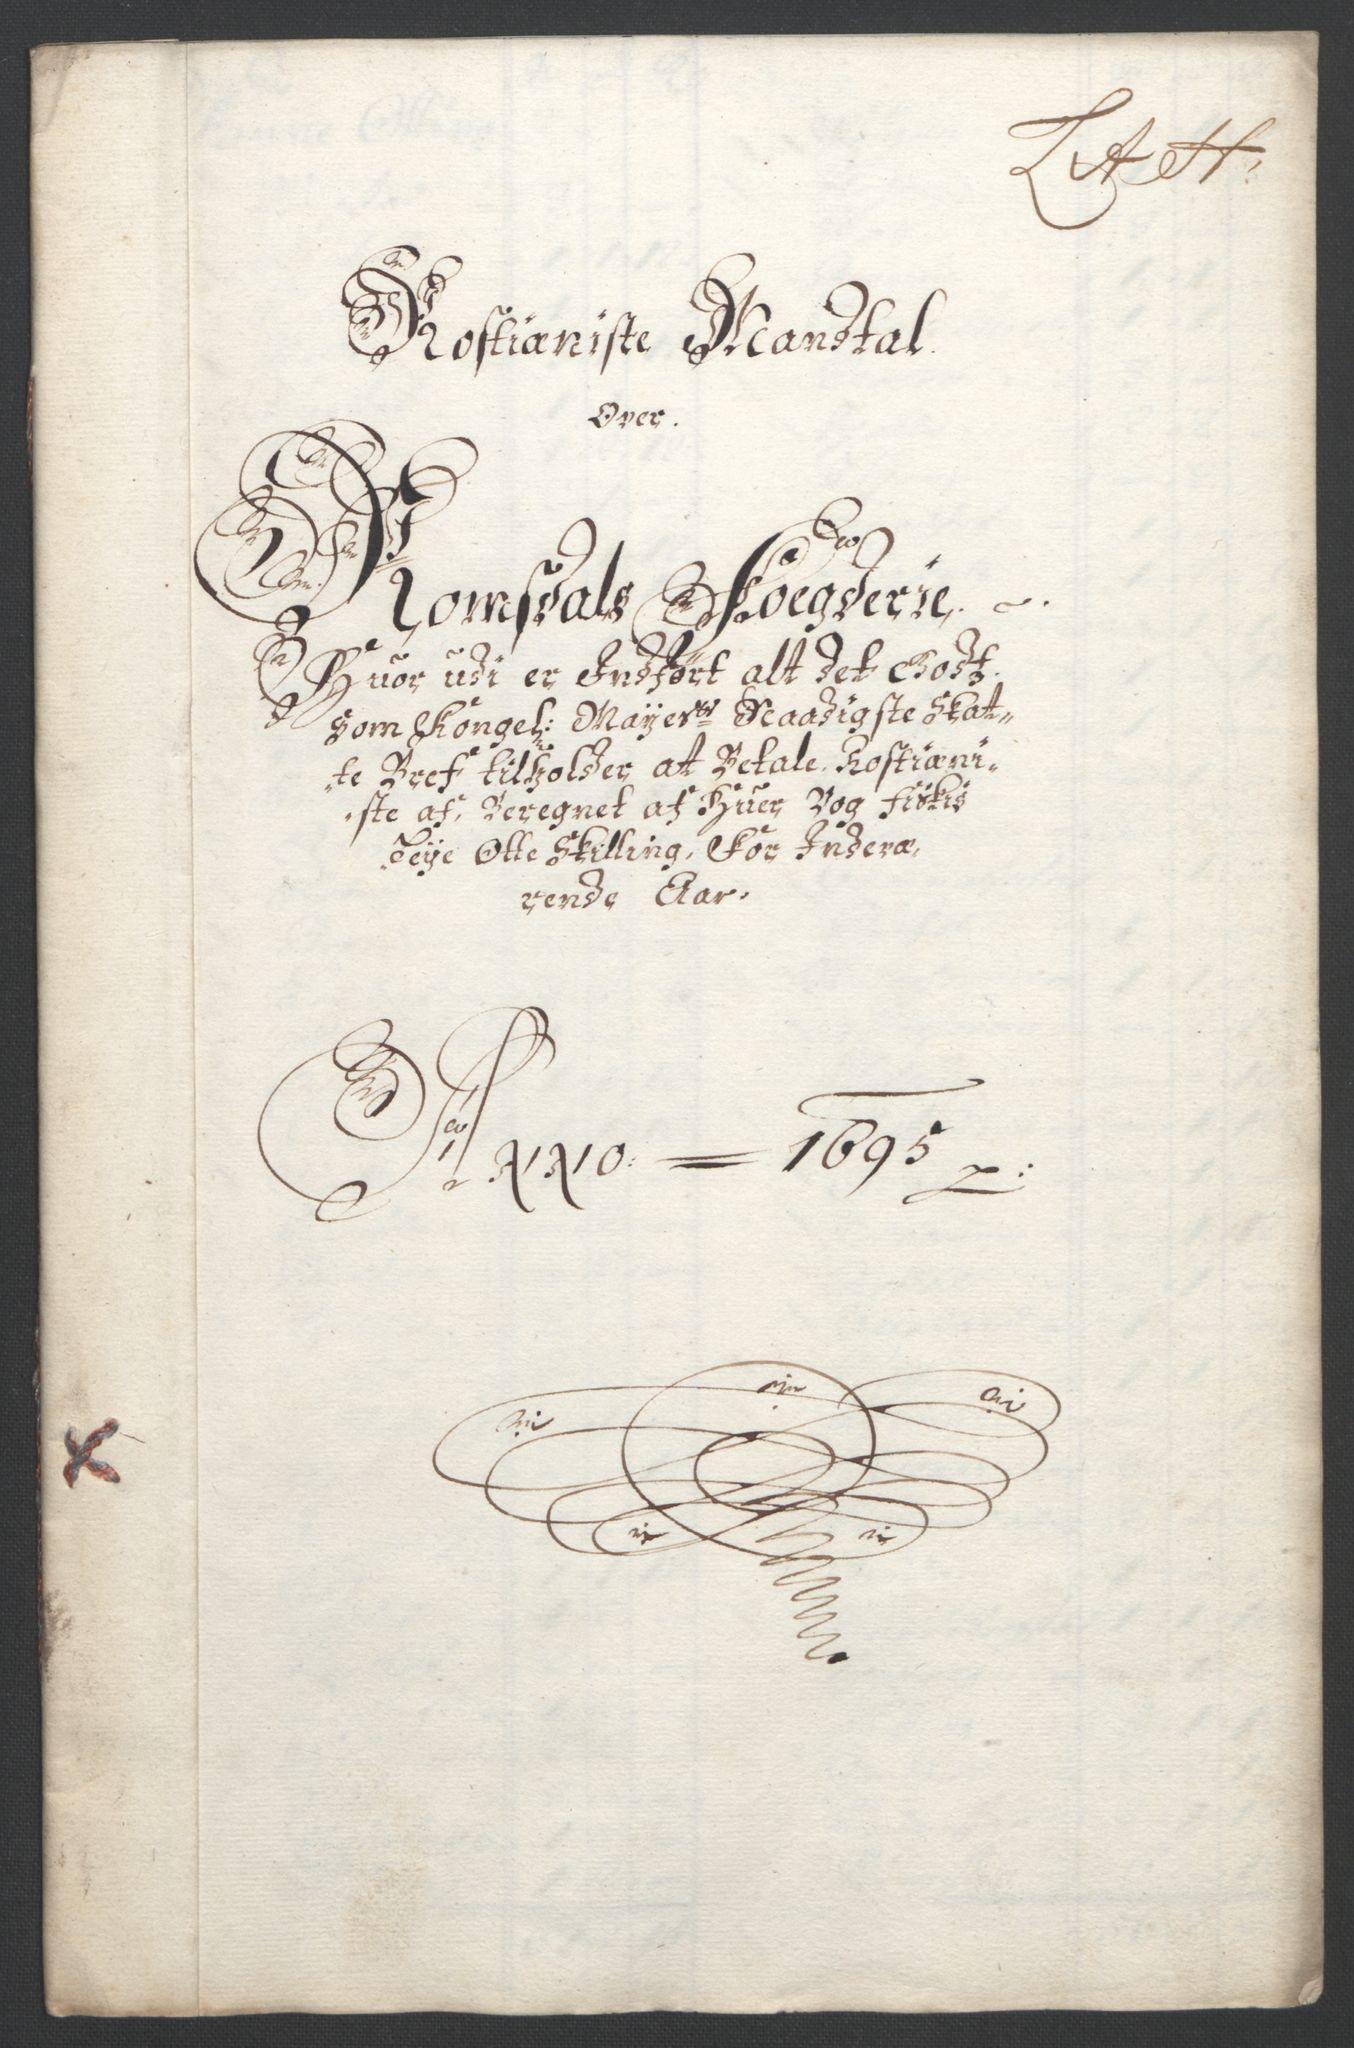 RA, Rentekammeret inntil 1814, Reviderte regnskaper, Fogderegnskap, R55/L3652: Fogderegnskap Romsdal, 1695-1696, s. 91